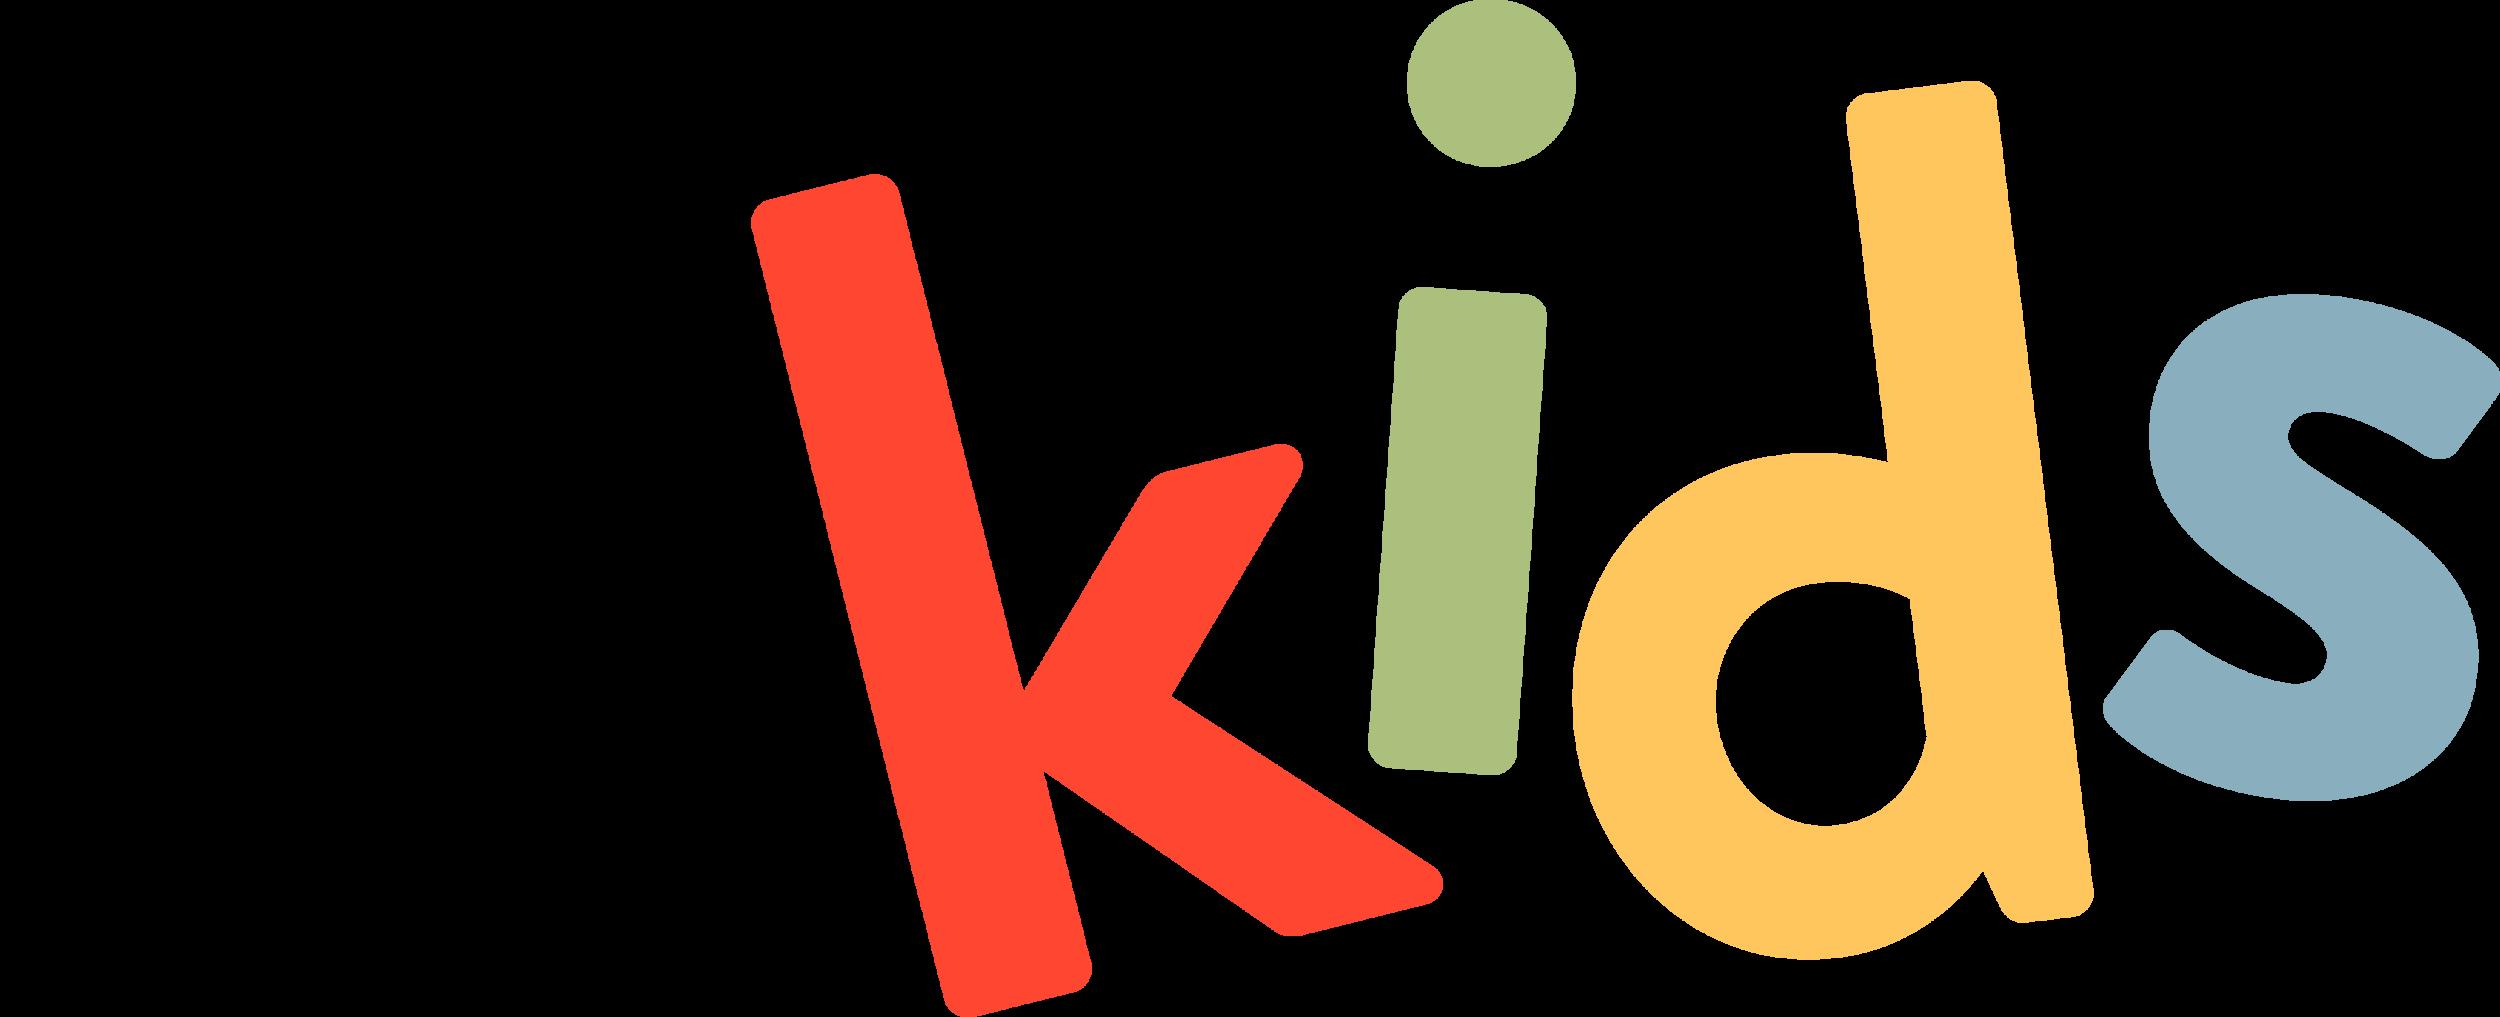 Exilic-Logo-Kids-01.png